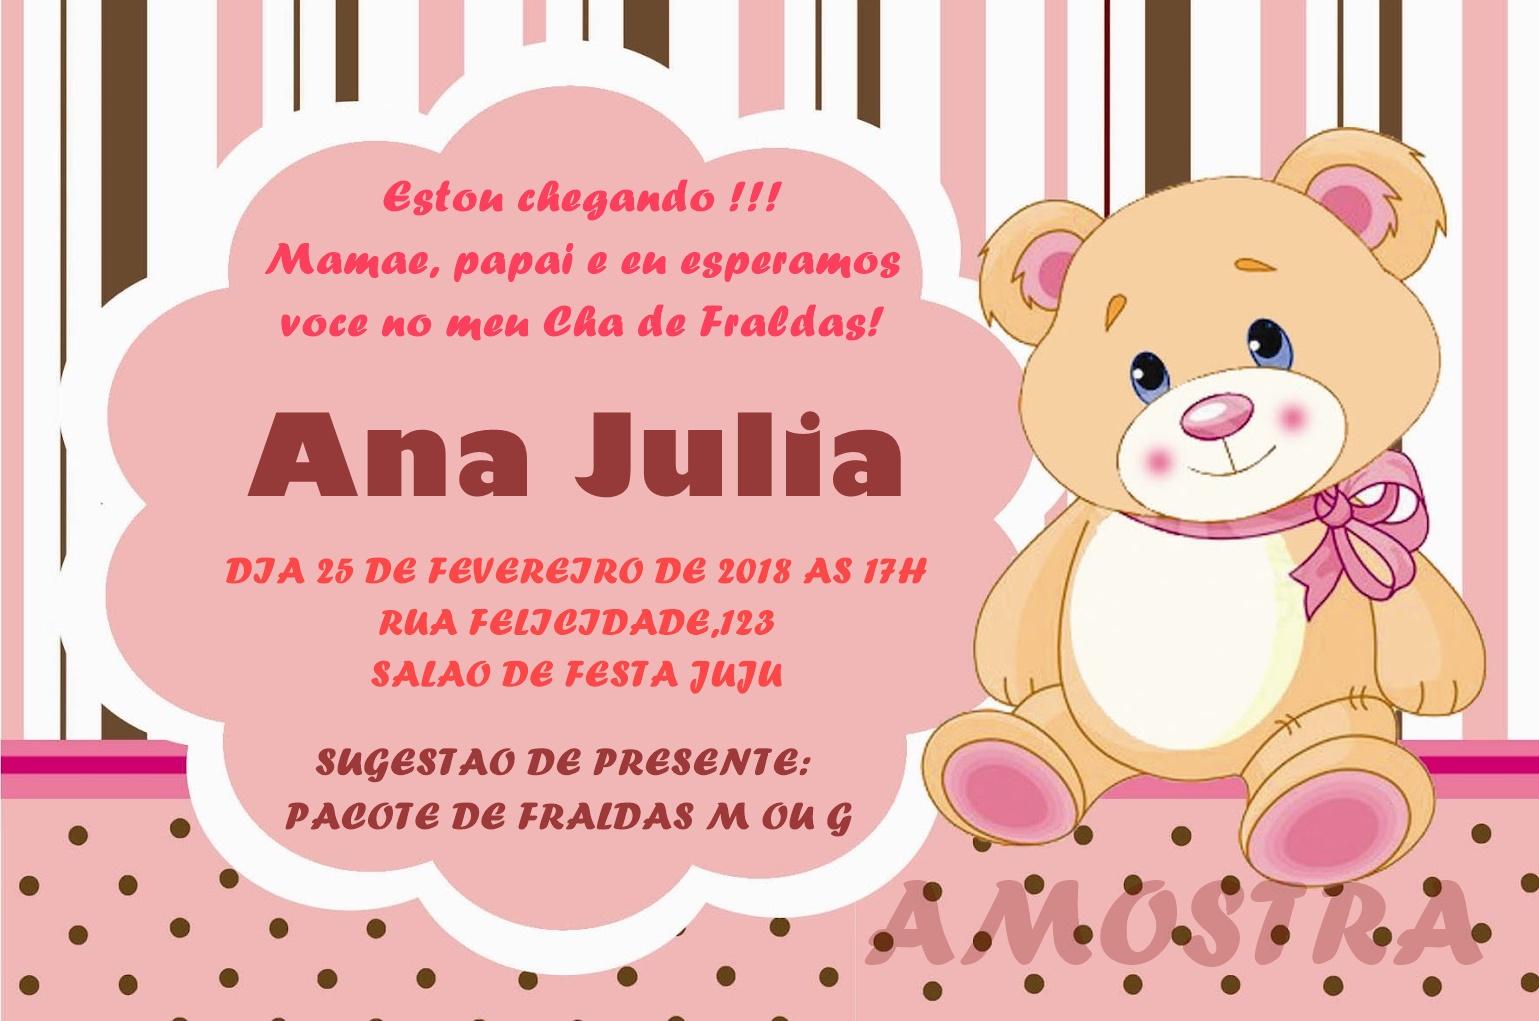 Mensagem De Convite De Cha De Fralda: Convite Cha De Fraldas Para Imprimir 2 Convites Alice T